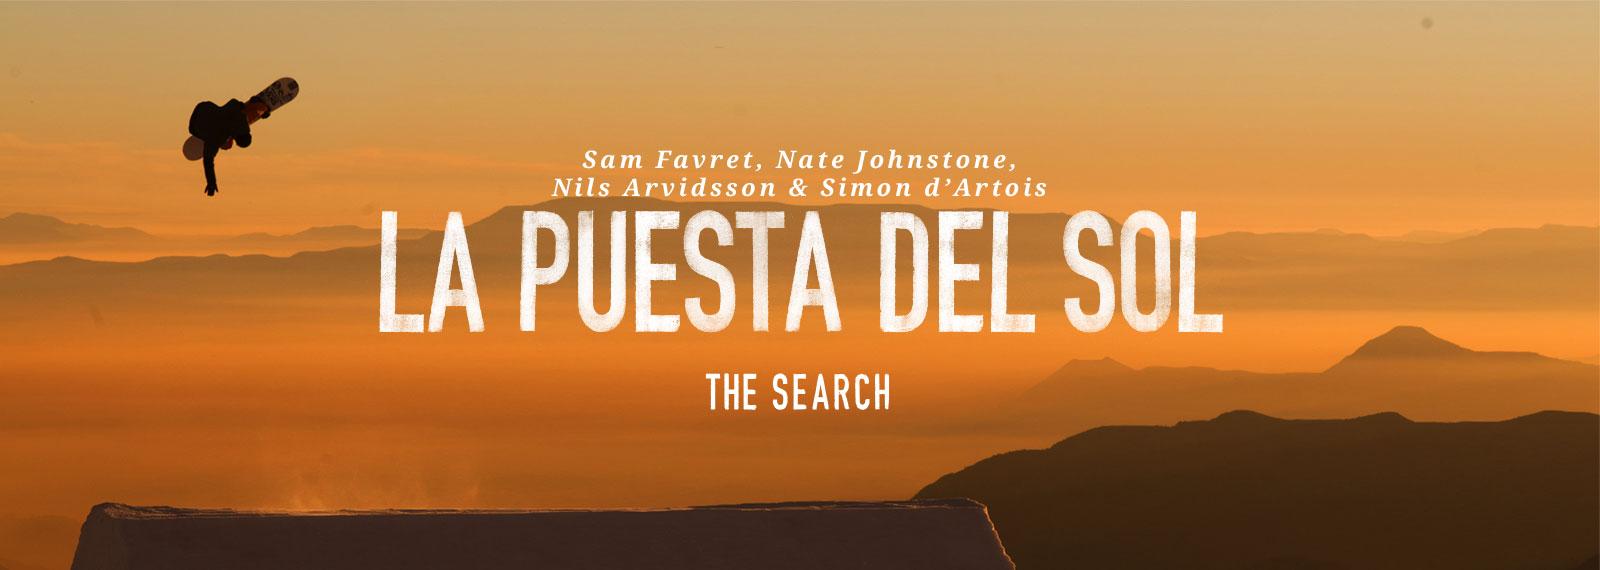 TheSearch-La-Puesta-Del-Sol-Desktop-RCA-cfb0165f-526b-4f8e-b3c2-a59c2291639a